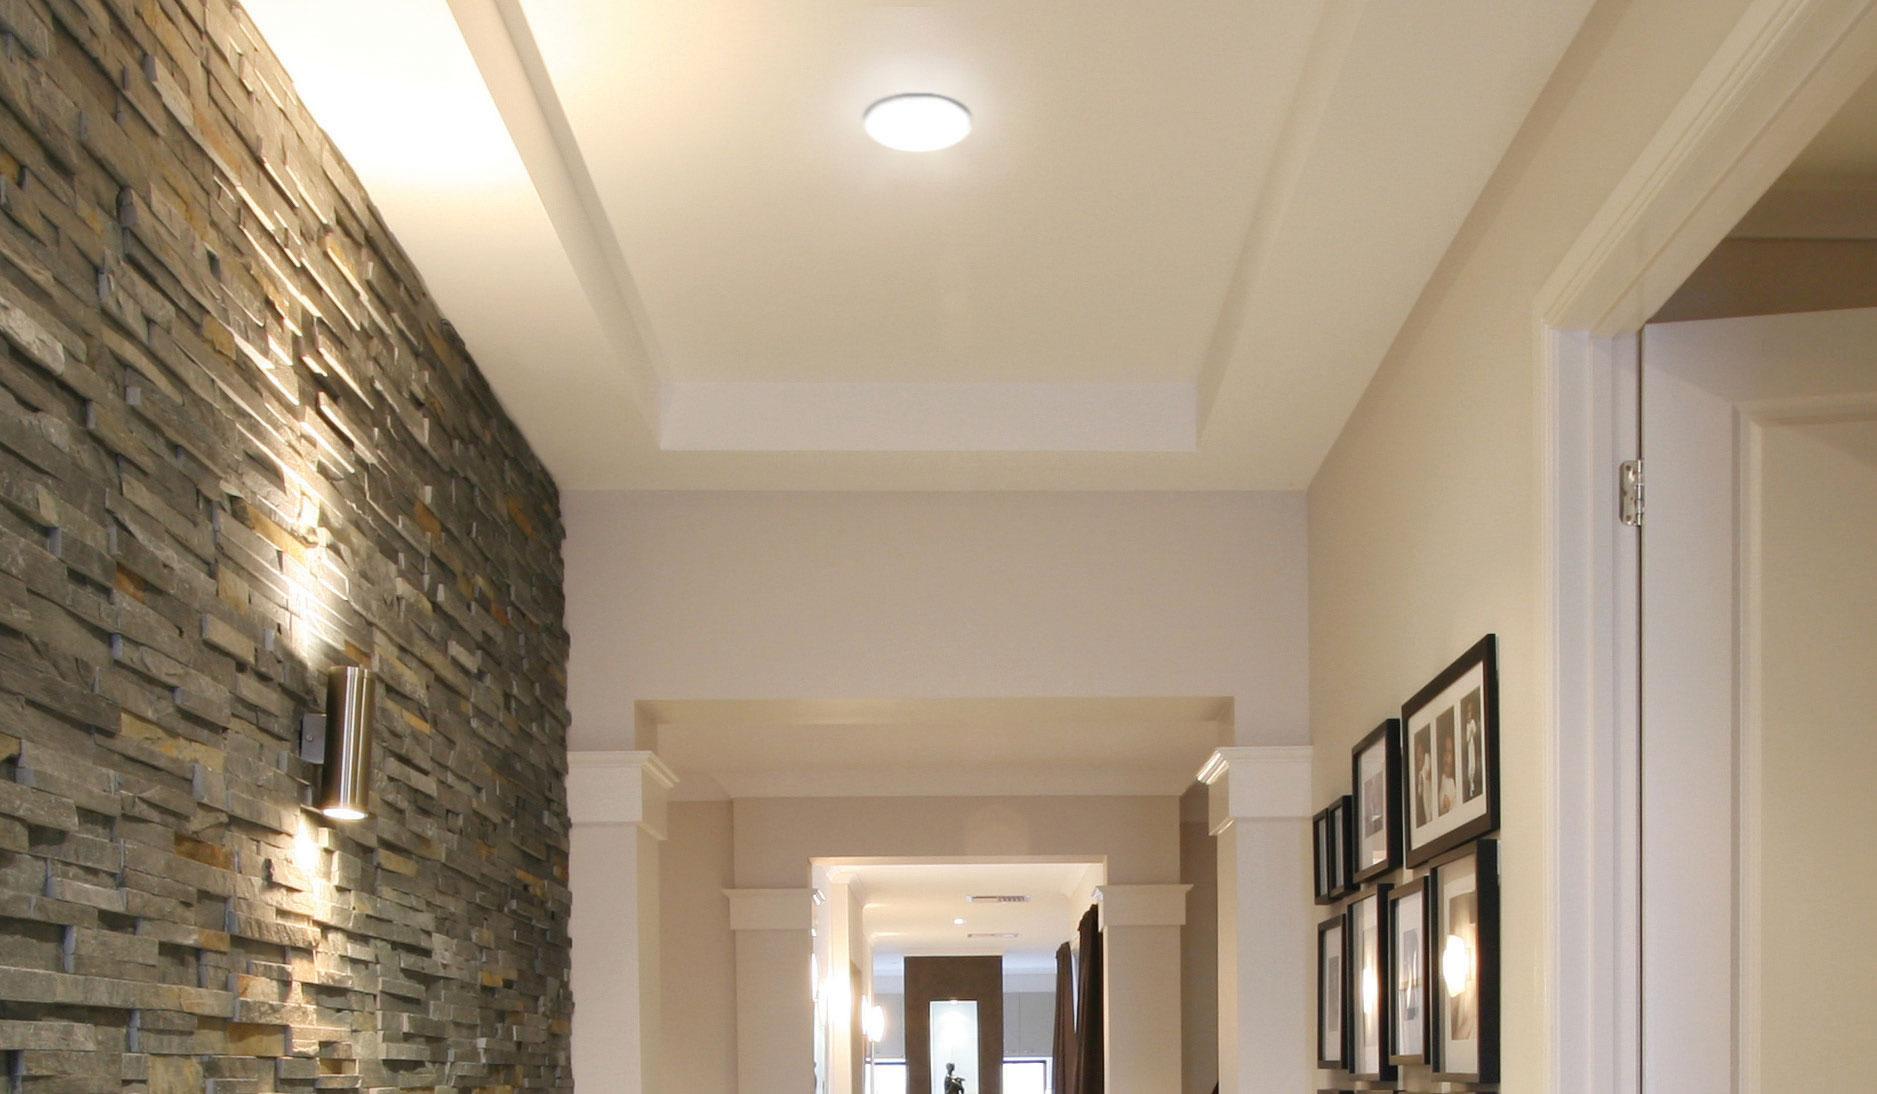 Luminaire plafonnier traditionnel DEL Standard 64156 éclairant une entrée avec mur de brique et cadres